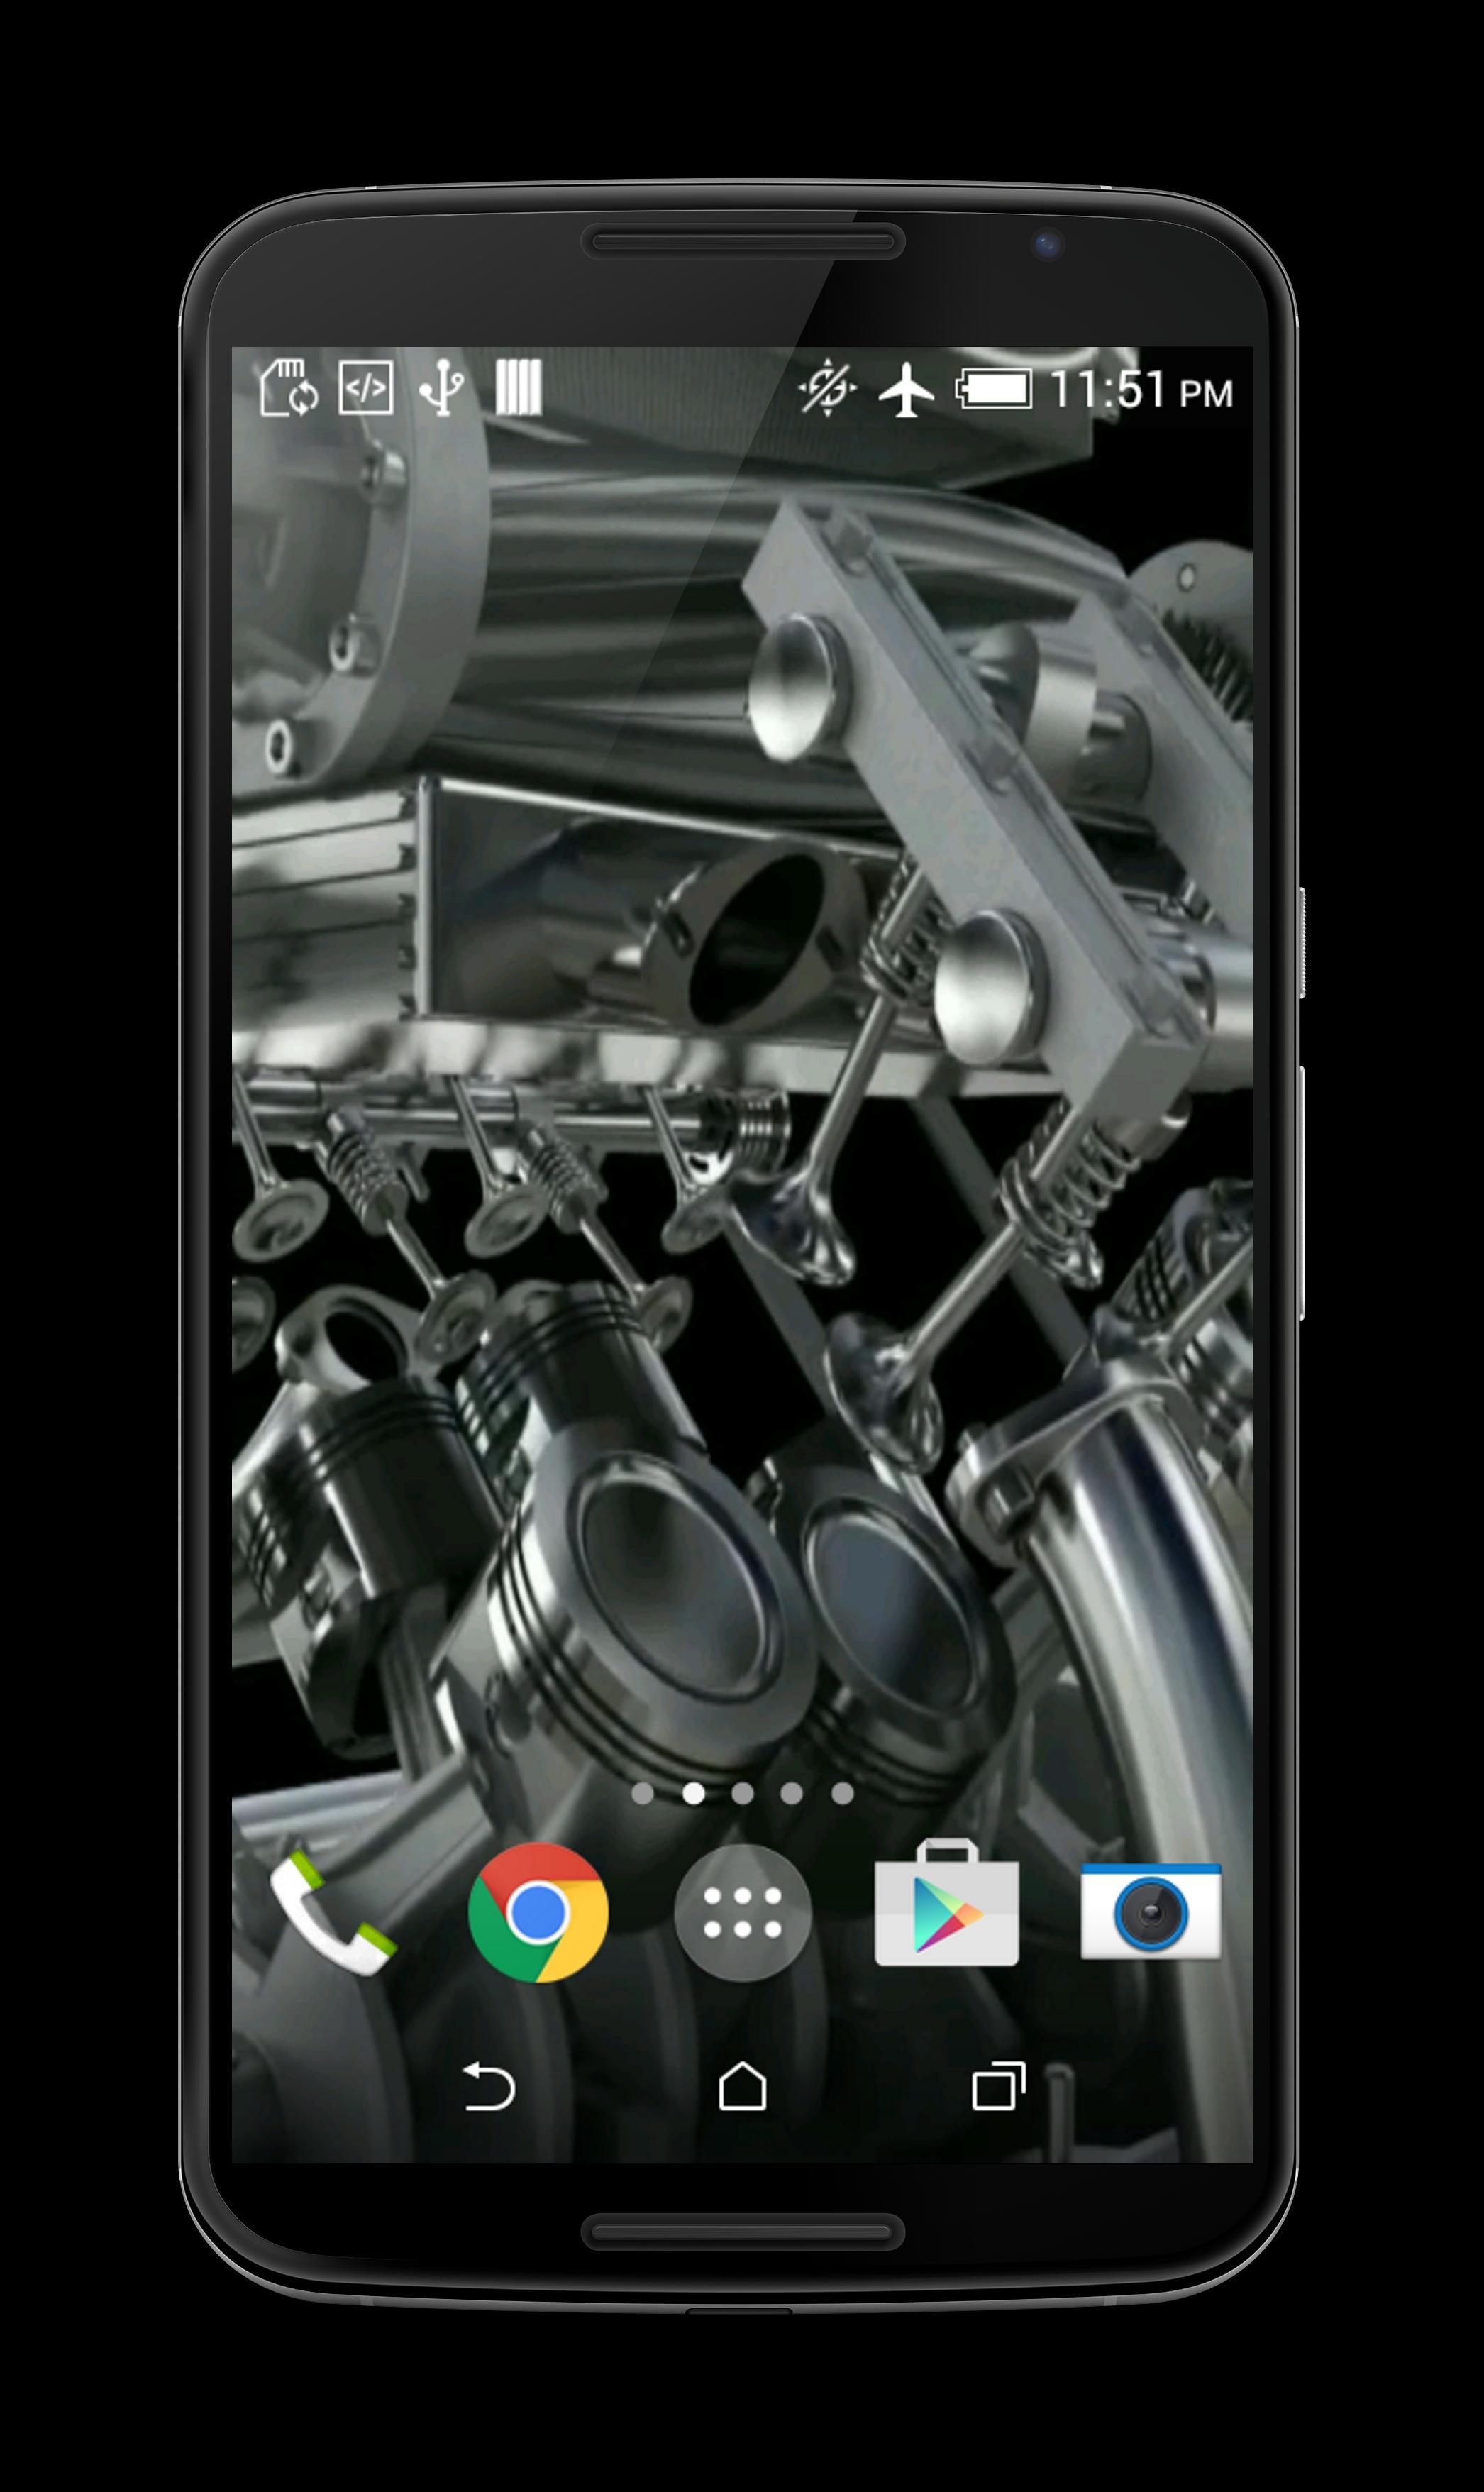 V8 Engine 3D Live Wallpaper for Android - APK Download